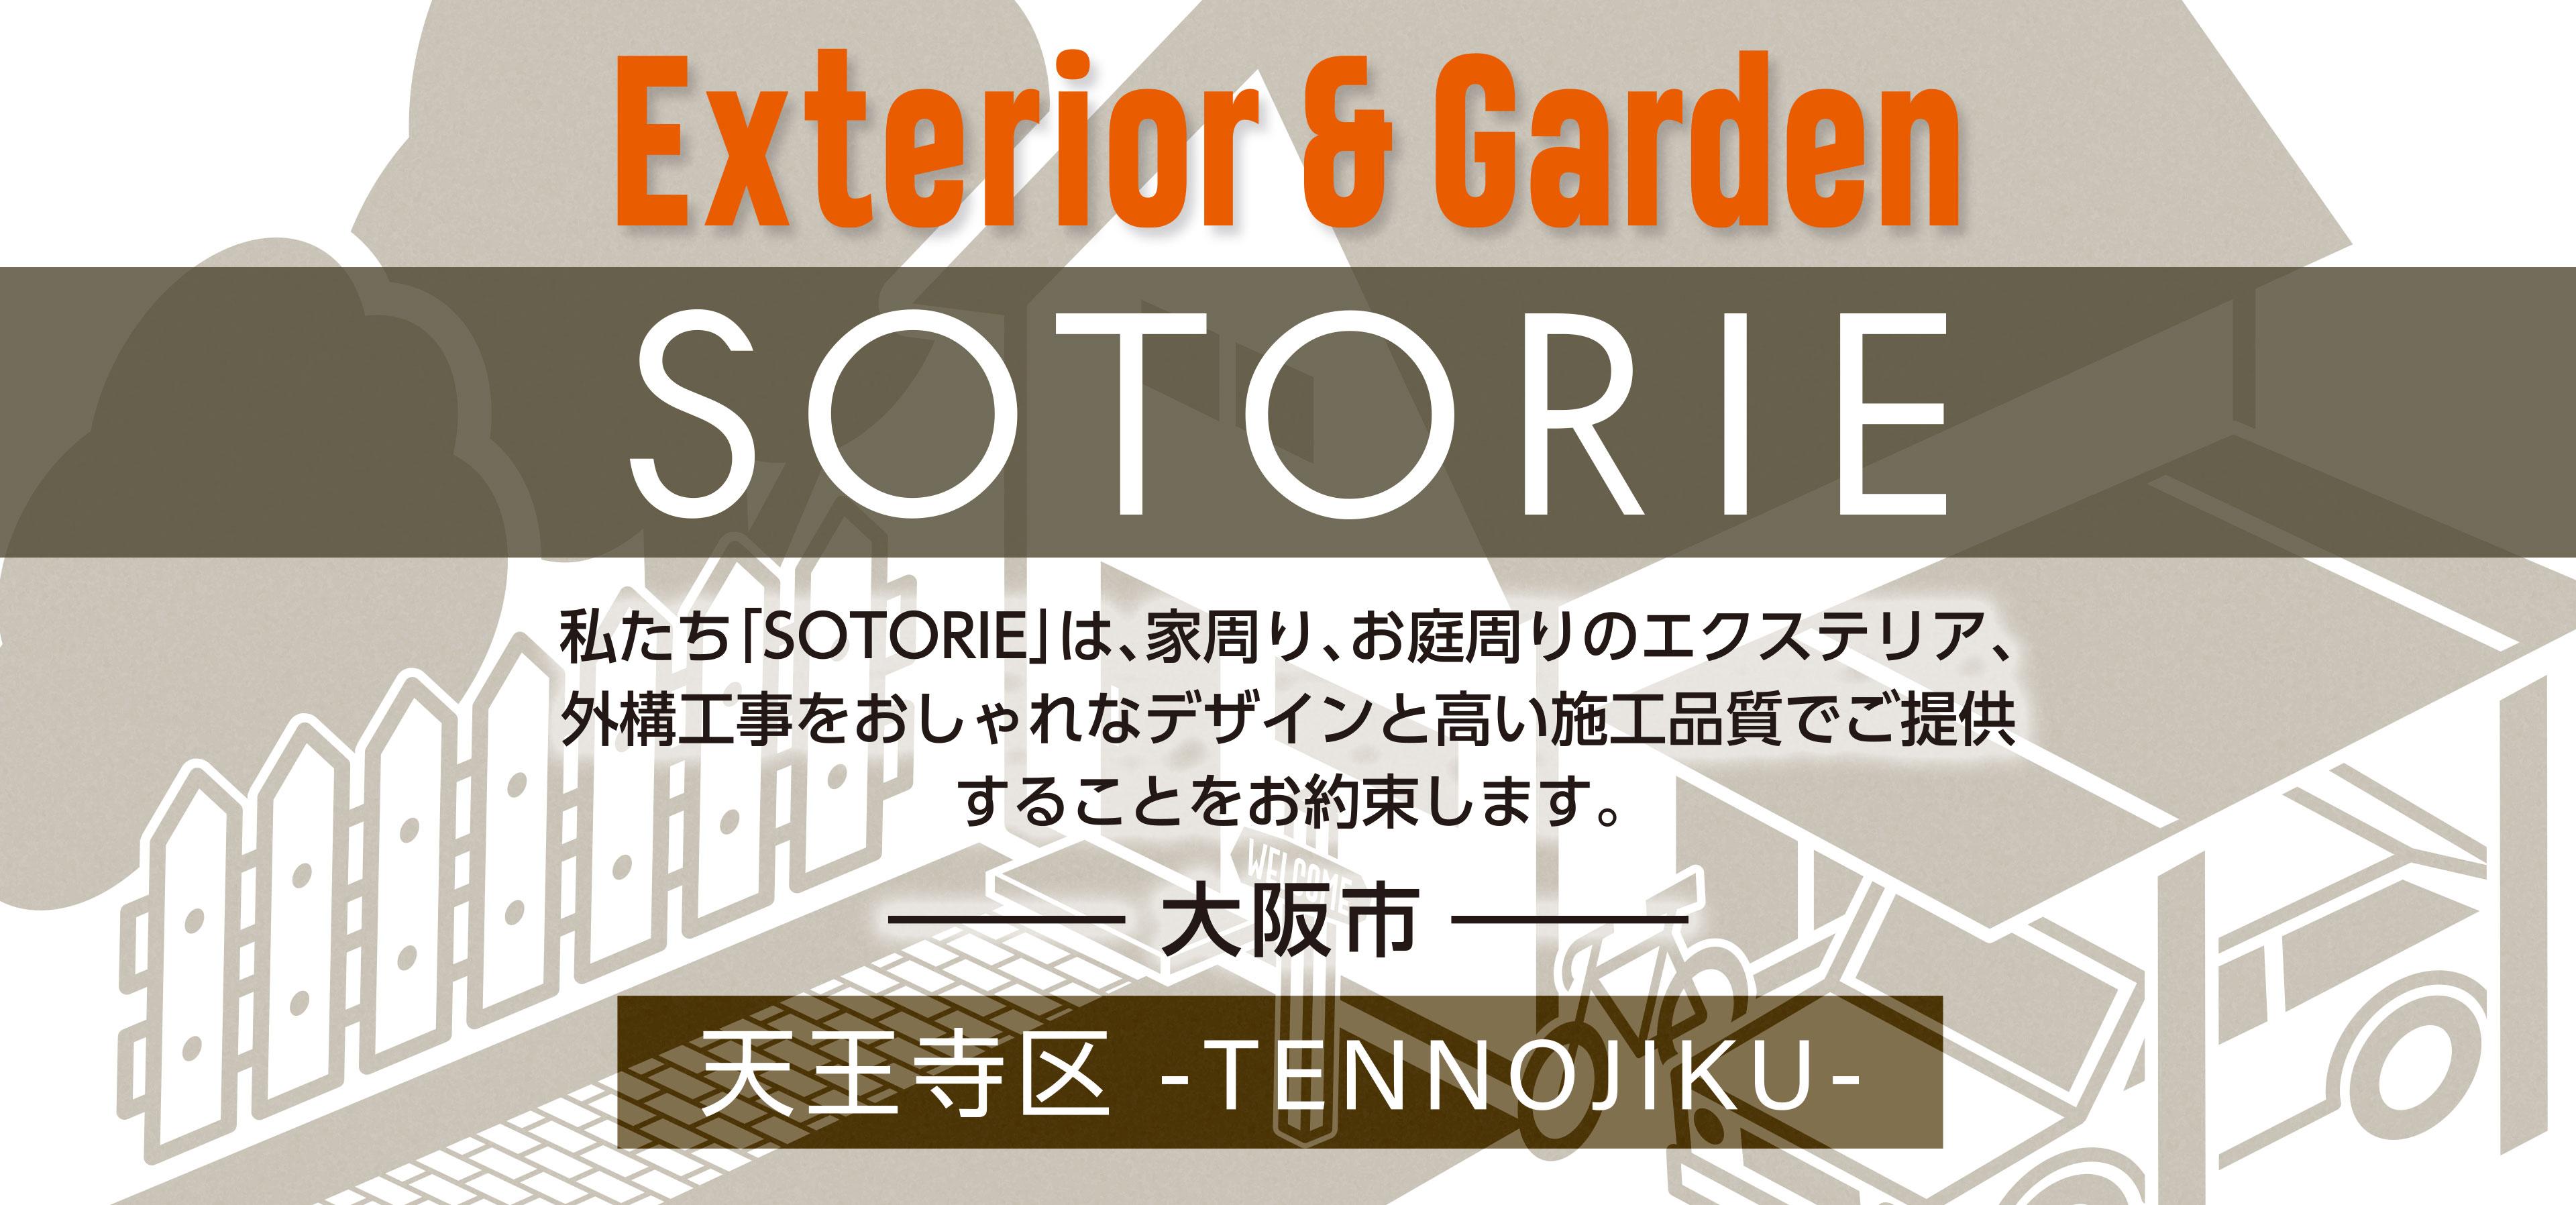 ソトリエ大阪市天王寺区では、家周りと庭周りの外構、エクステリア工事をおしゃれなデザインと高い施工品質でご提供することをお約束します。